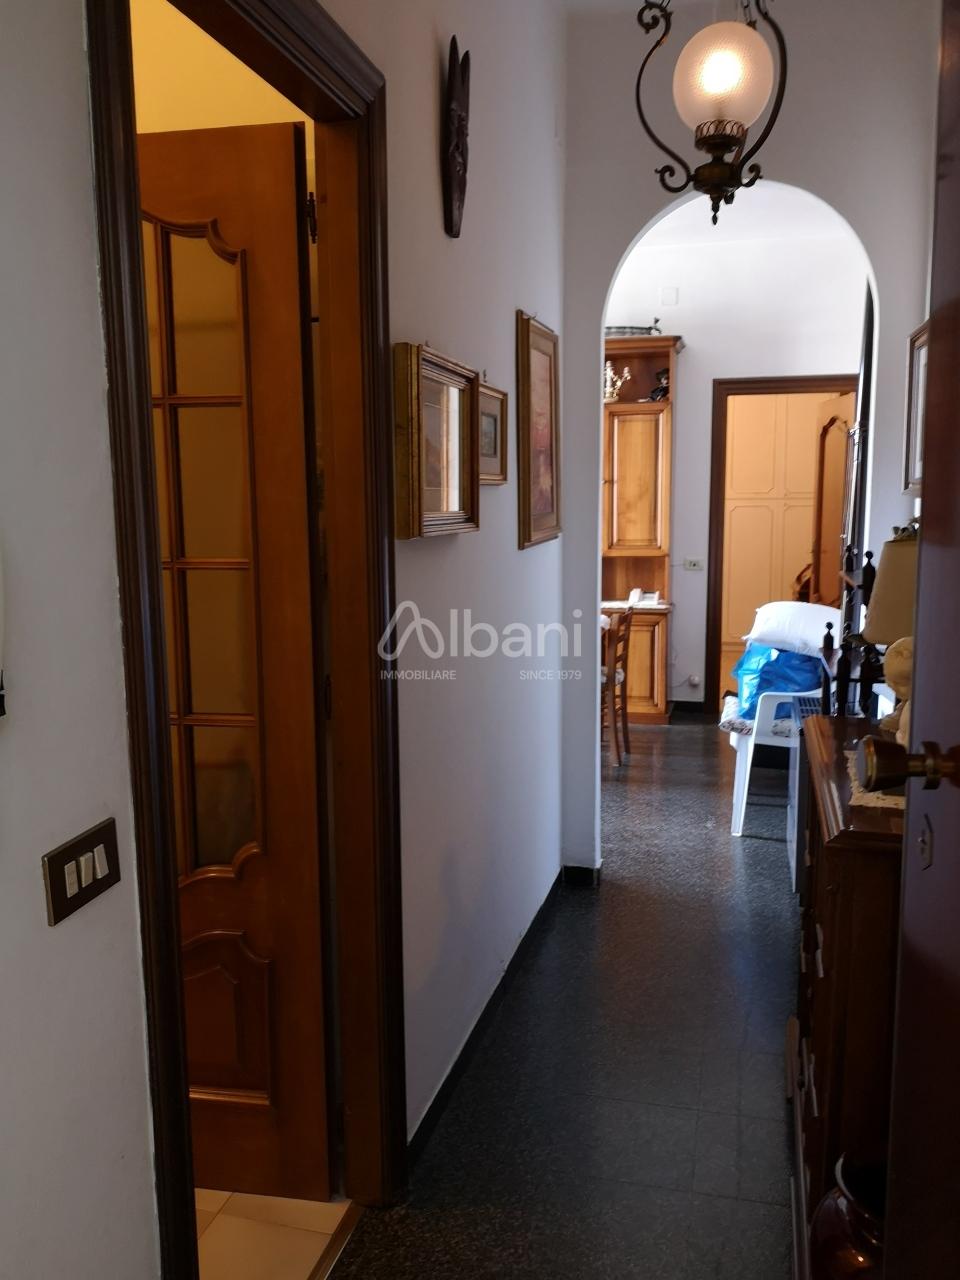 Appartamento in vendita a La Spezia, 3 locali, prezzo € 65.000 | PortaleAgenzieImmobiliari.it